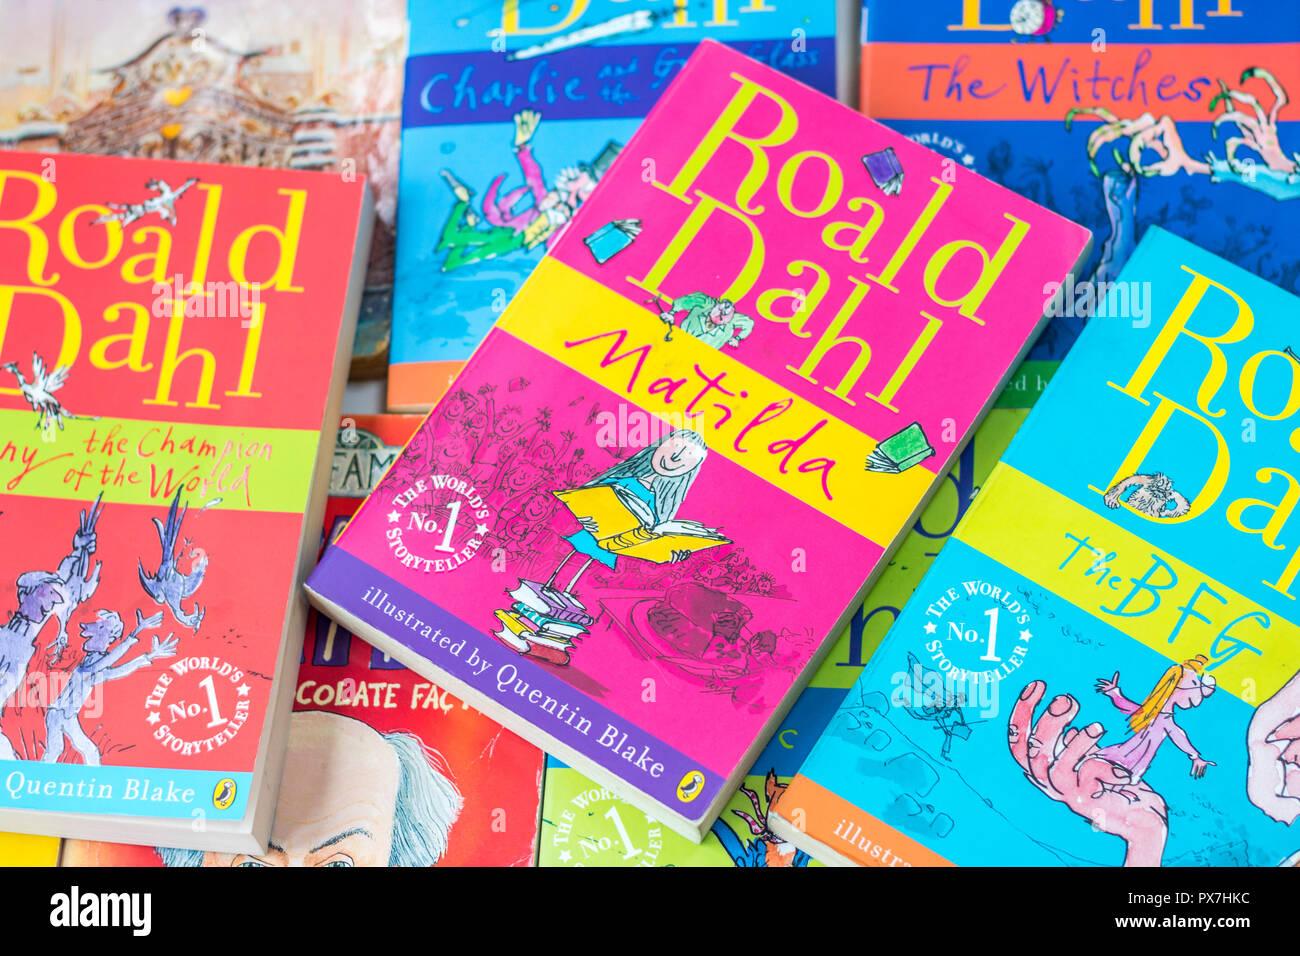 Roald Dahl Matilda Stock Photos & Roald Dahl Matilda Stock